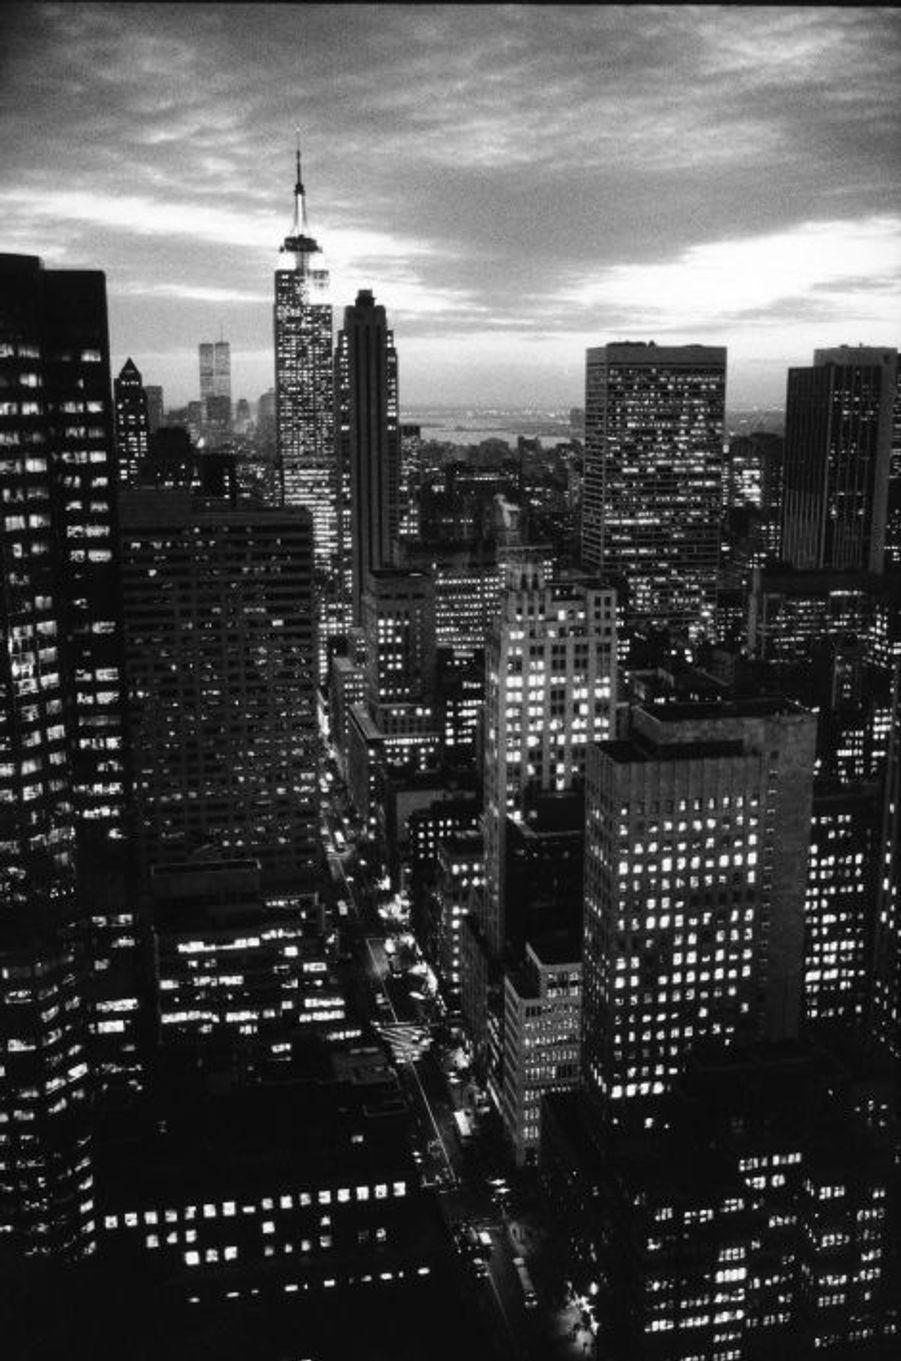 """Un champ de colonnes géantes de béton gris, de verre et de brique rouge, que dominent alors l'Empire State Building et les tours jumelles du World Trade Center. C'est la ville qui touche le ciel, et qu'on découvre la tête vers les étoiles... Celle qui faisait crier """"America !"""" aux immigrants européens qui rêvaient de liberté. New York, la cité verticale à l'énergie sans pareille, où se mêlent les cultures du monde et les envies d'impossible. Pour célébrer la 1000e photo exposée dans la grande galerie de Paris Match, la rédaction vous propose six clichés intemporels."""